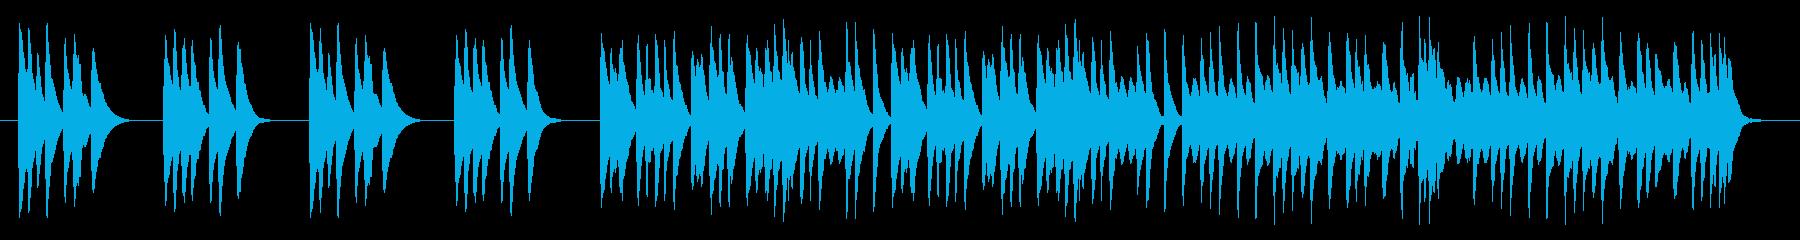 木琴だけのかわいいBGMの再生済みの波形